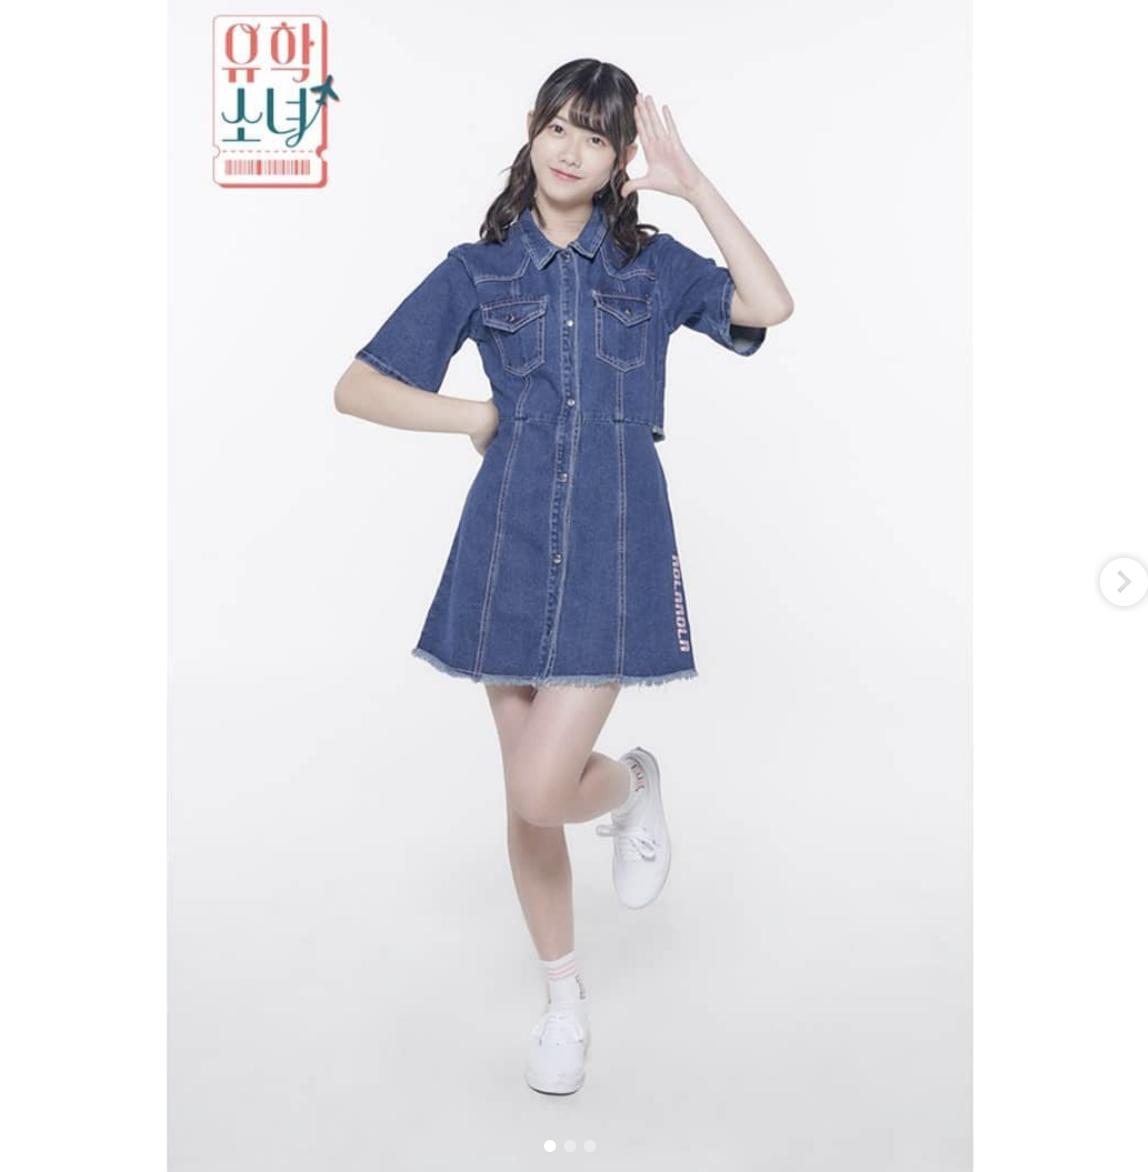 f:id:sayakasumi382:20190504185303p:plain